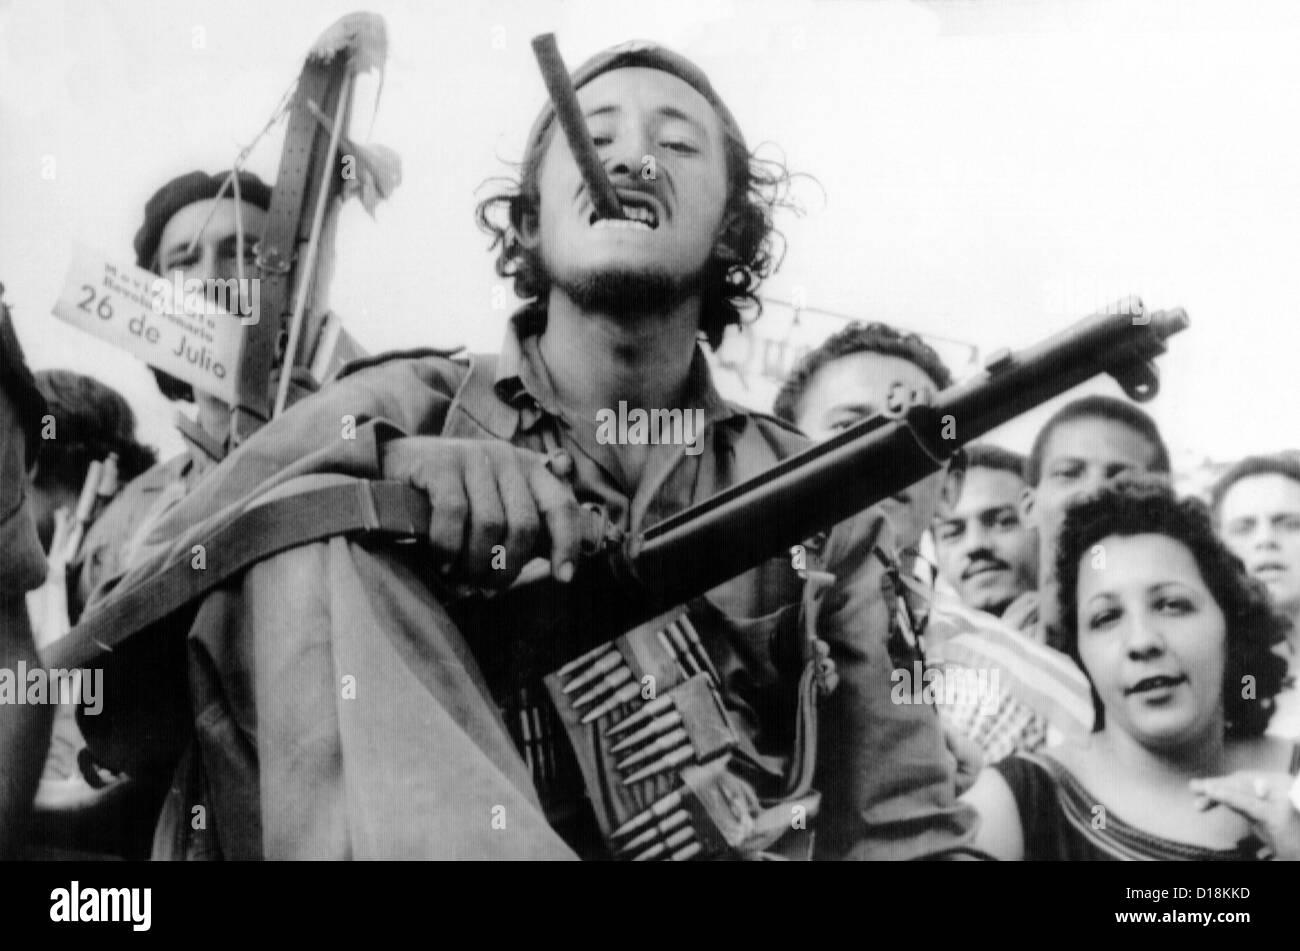 Soldato di guerriglia entra Avana con Castro una vittoriosa forze ribelli a Gennaio 8, 1959. (CSU_ALPHA_1616) Archivi Immagini Stock